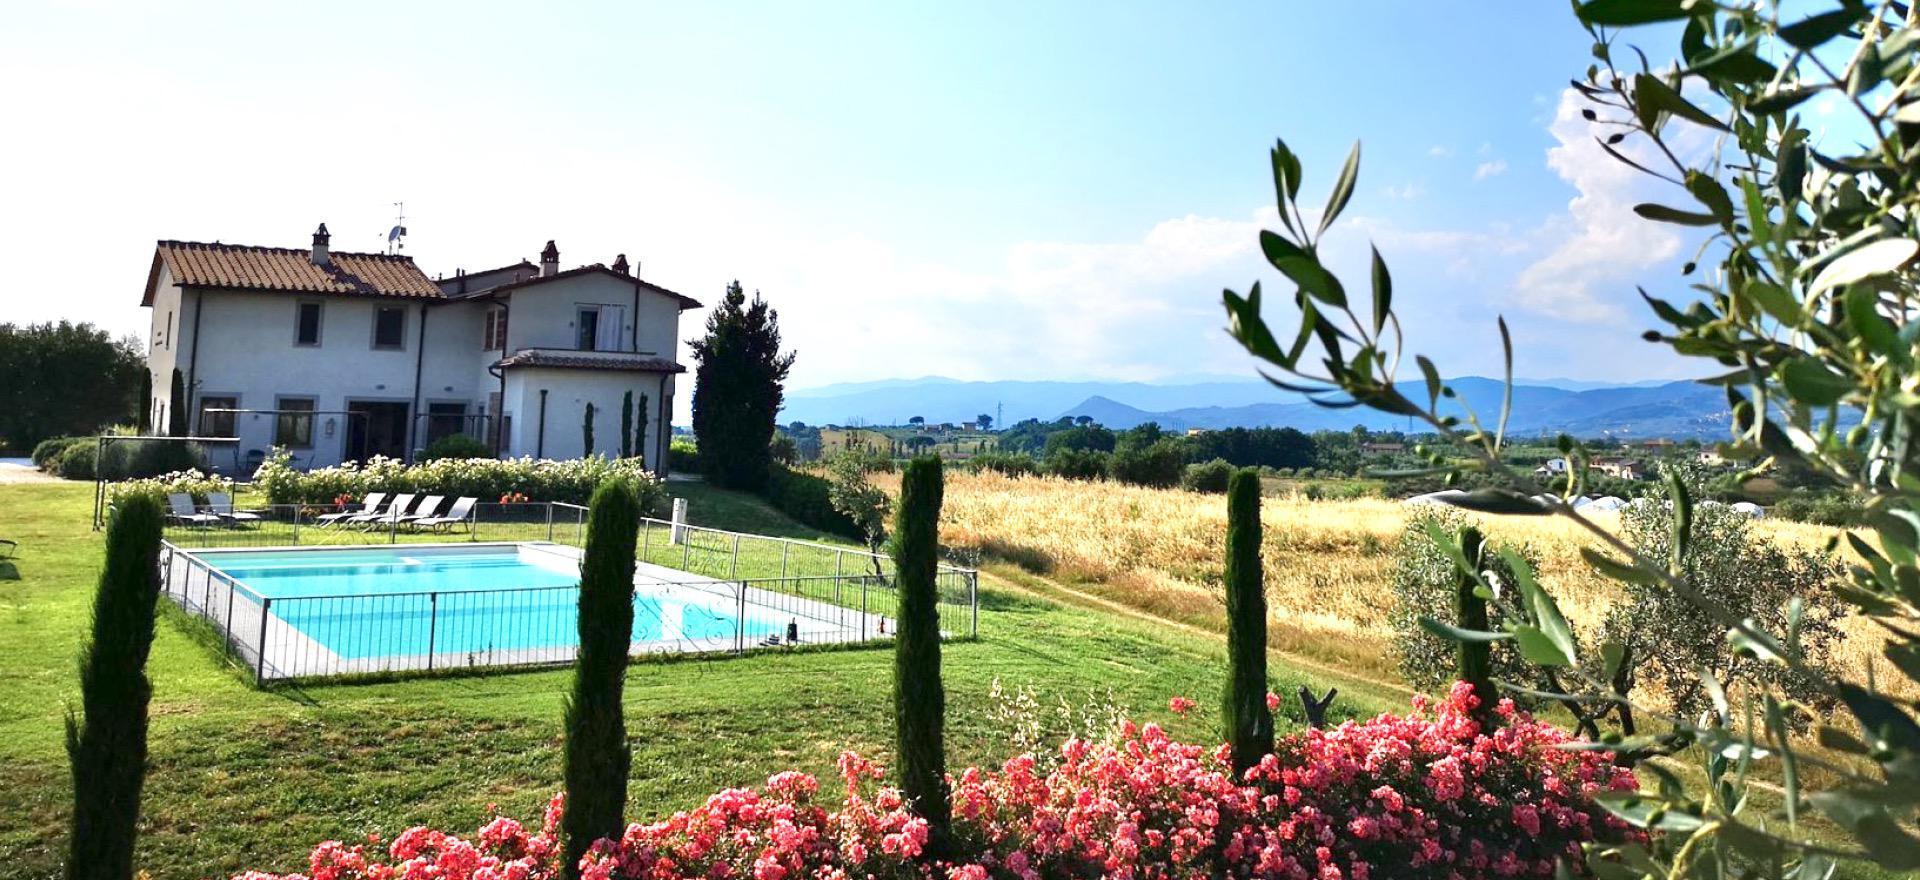 Centraal gelegen agriturismo om Toscane te ontdekken